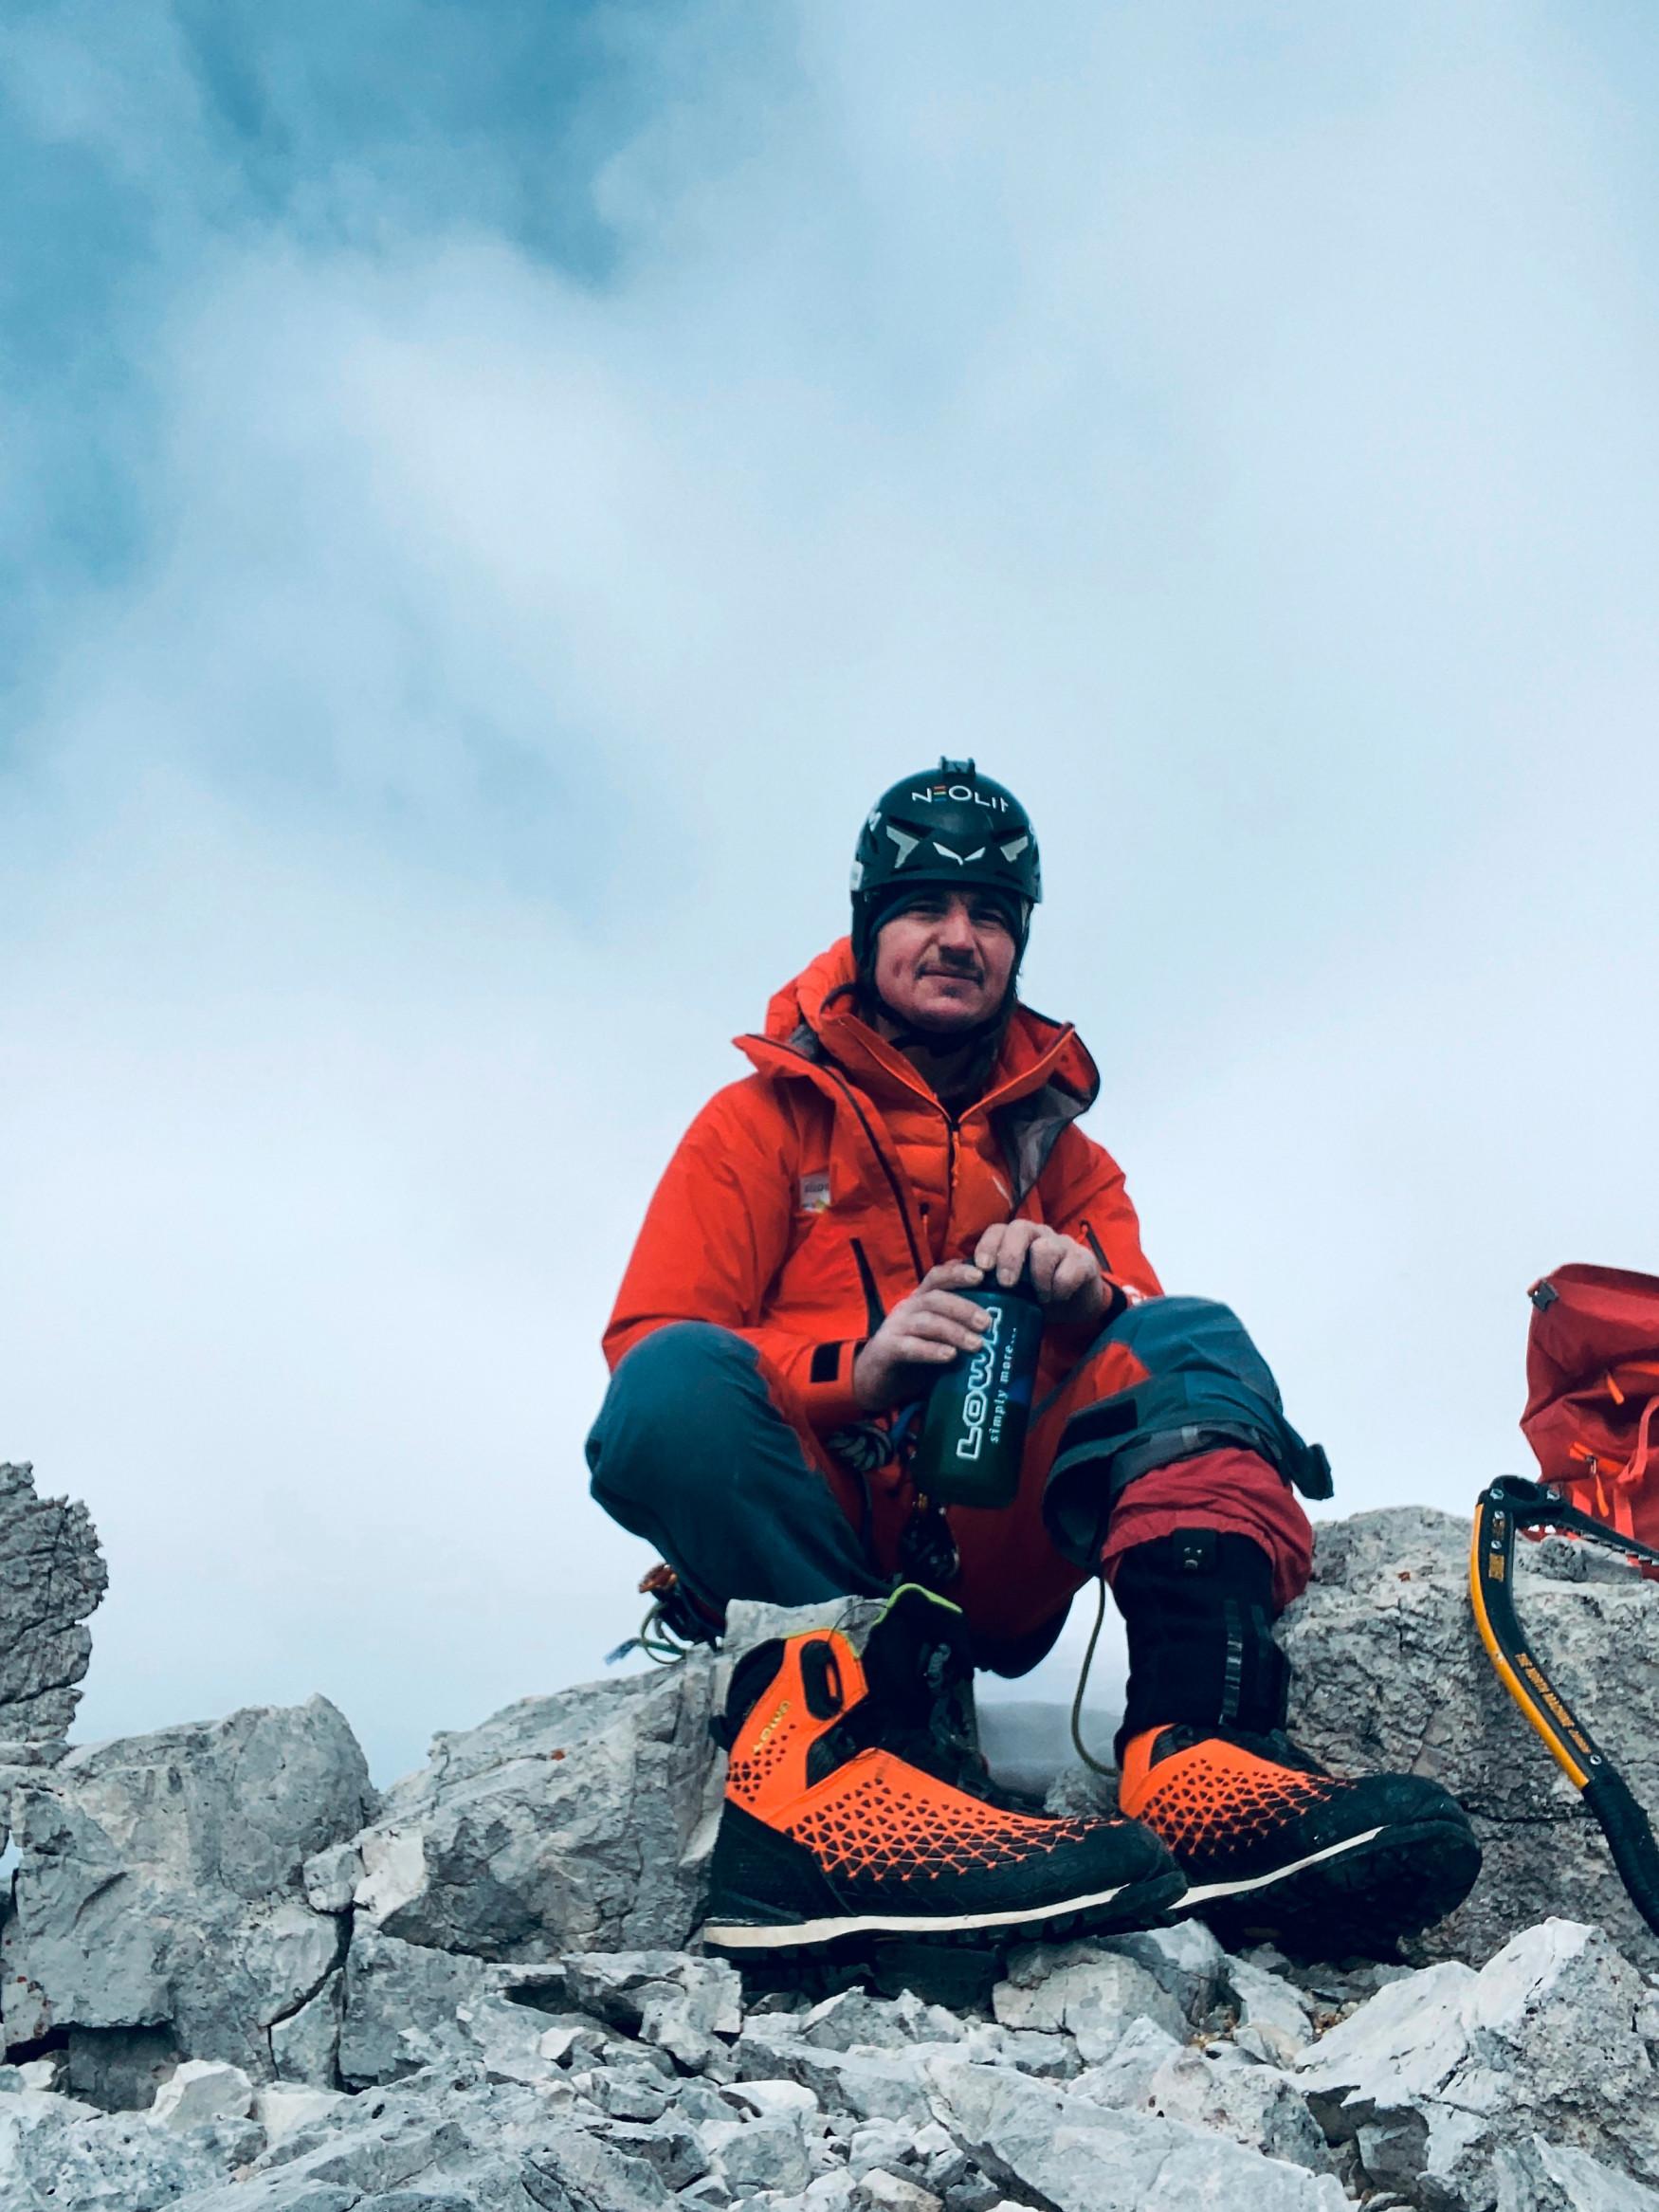 In passato la pelle scamosciata era molto amata dagli alpinisti. È ovvio: questo materiale ha tantissime proprietà positive, soprattutto in termini di calzata. A LOWA è sembrato un motivo sufficiente per iniziare a sviluppare il modello ALPINE PRO GTX LE e a includerlo nella sua gamma. La calzatura punta su materiali di comprovata validità abbinandoli a un design minimalista: è l'incontro tra tecnologia e tradizione.